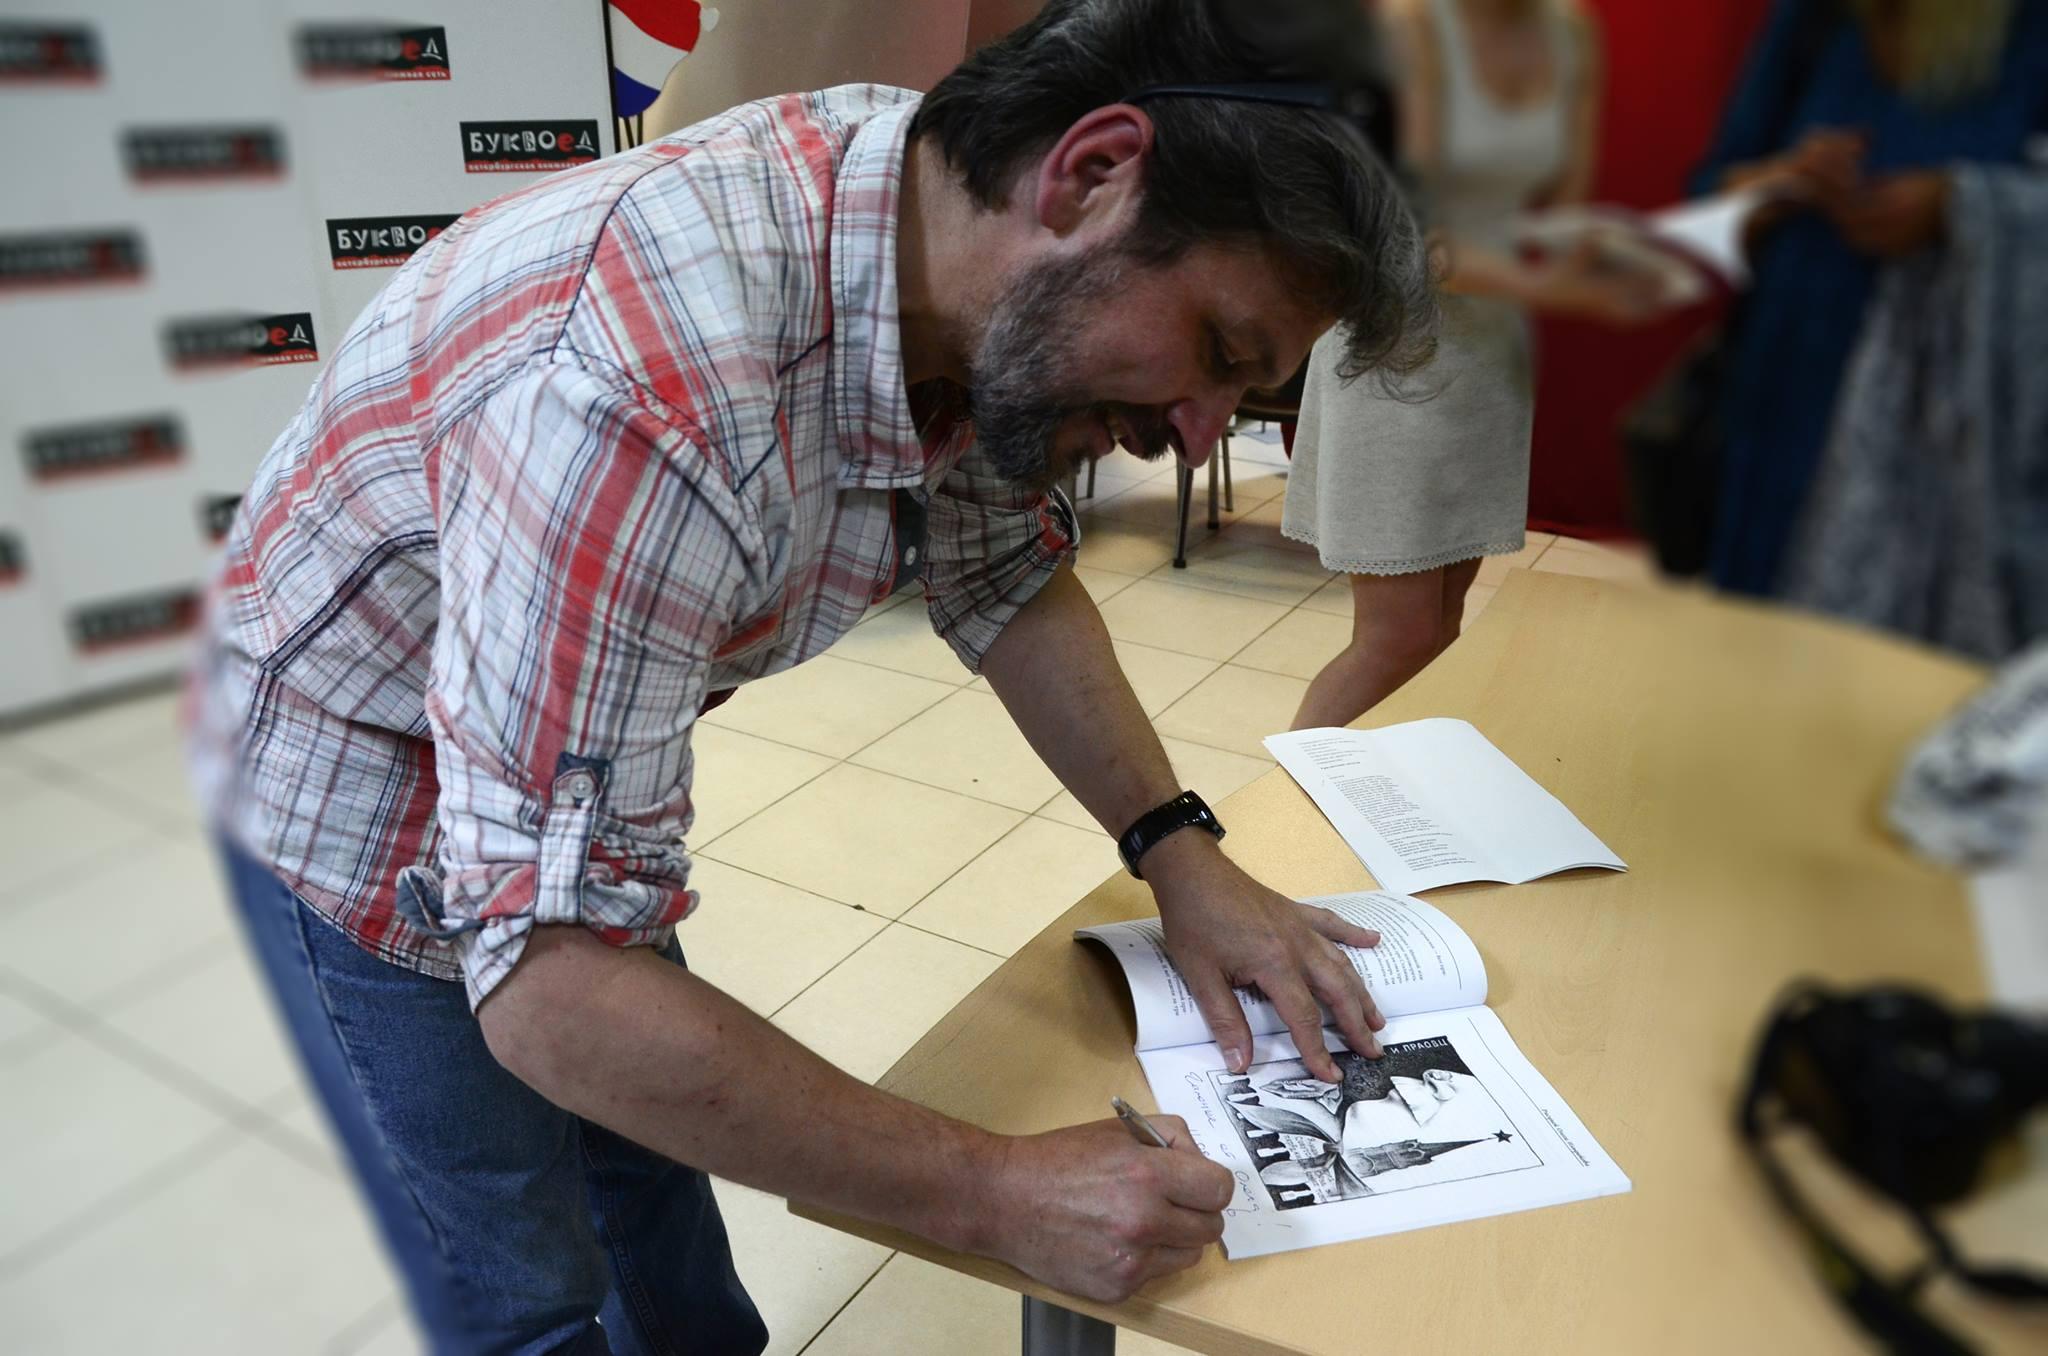 Олег Ильдюков оставляет автограф под своей иллюстрацией. Фотограф Галина Кожемяченко